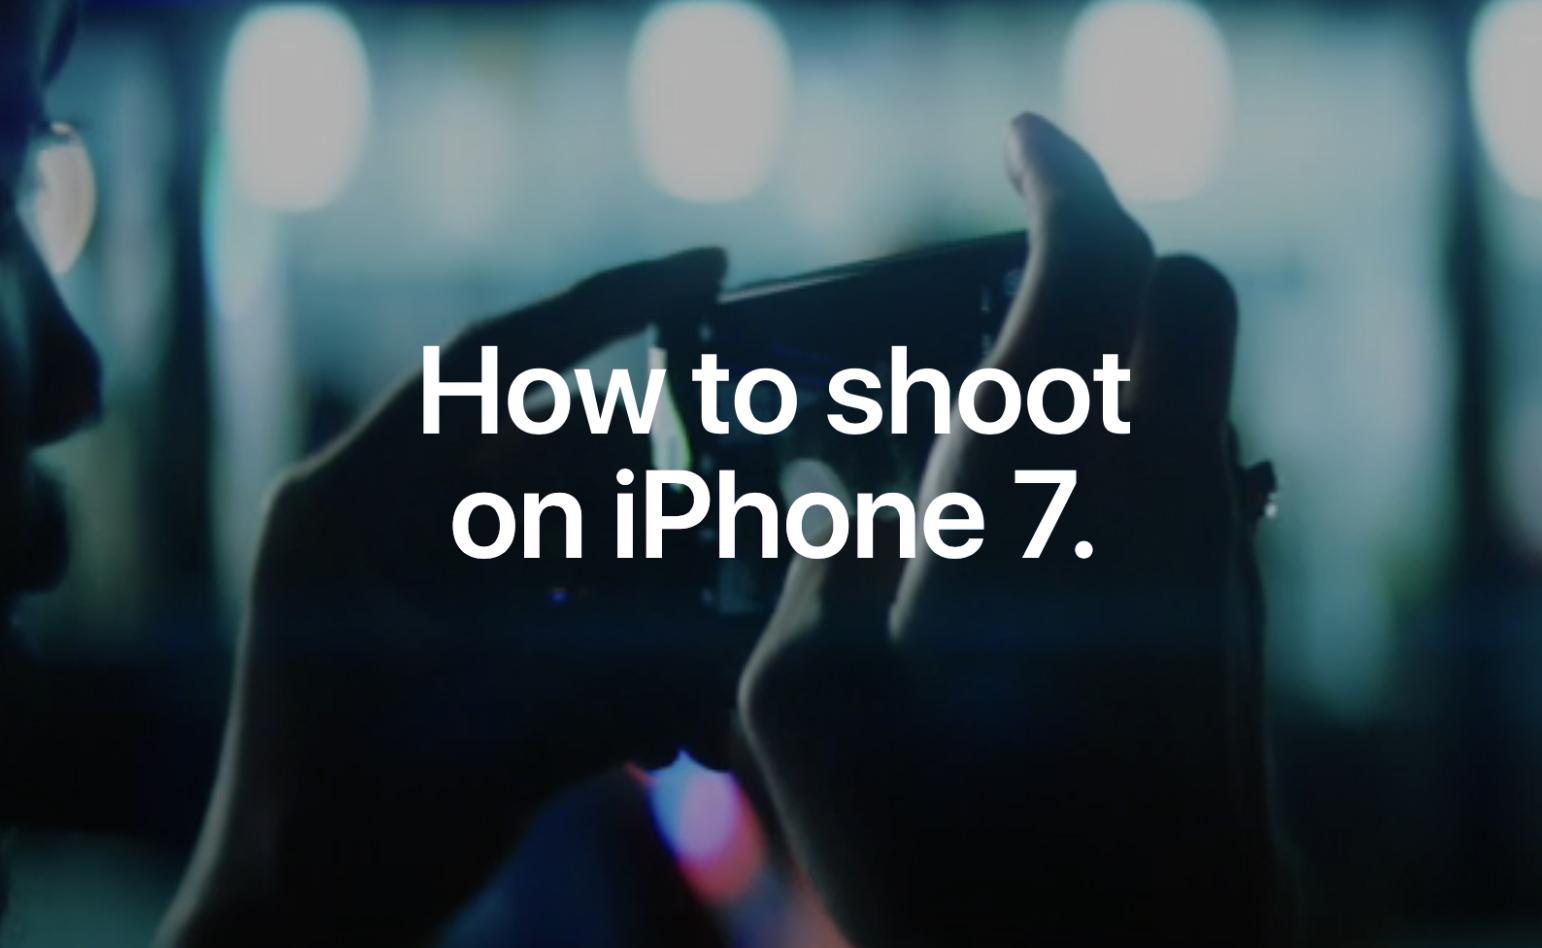 사진 찍는 방법을 소개 한 How to shoot on iPhone 7 공개